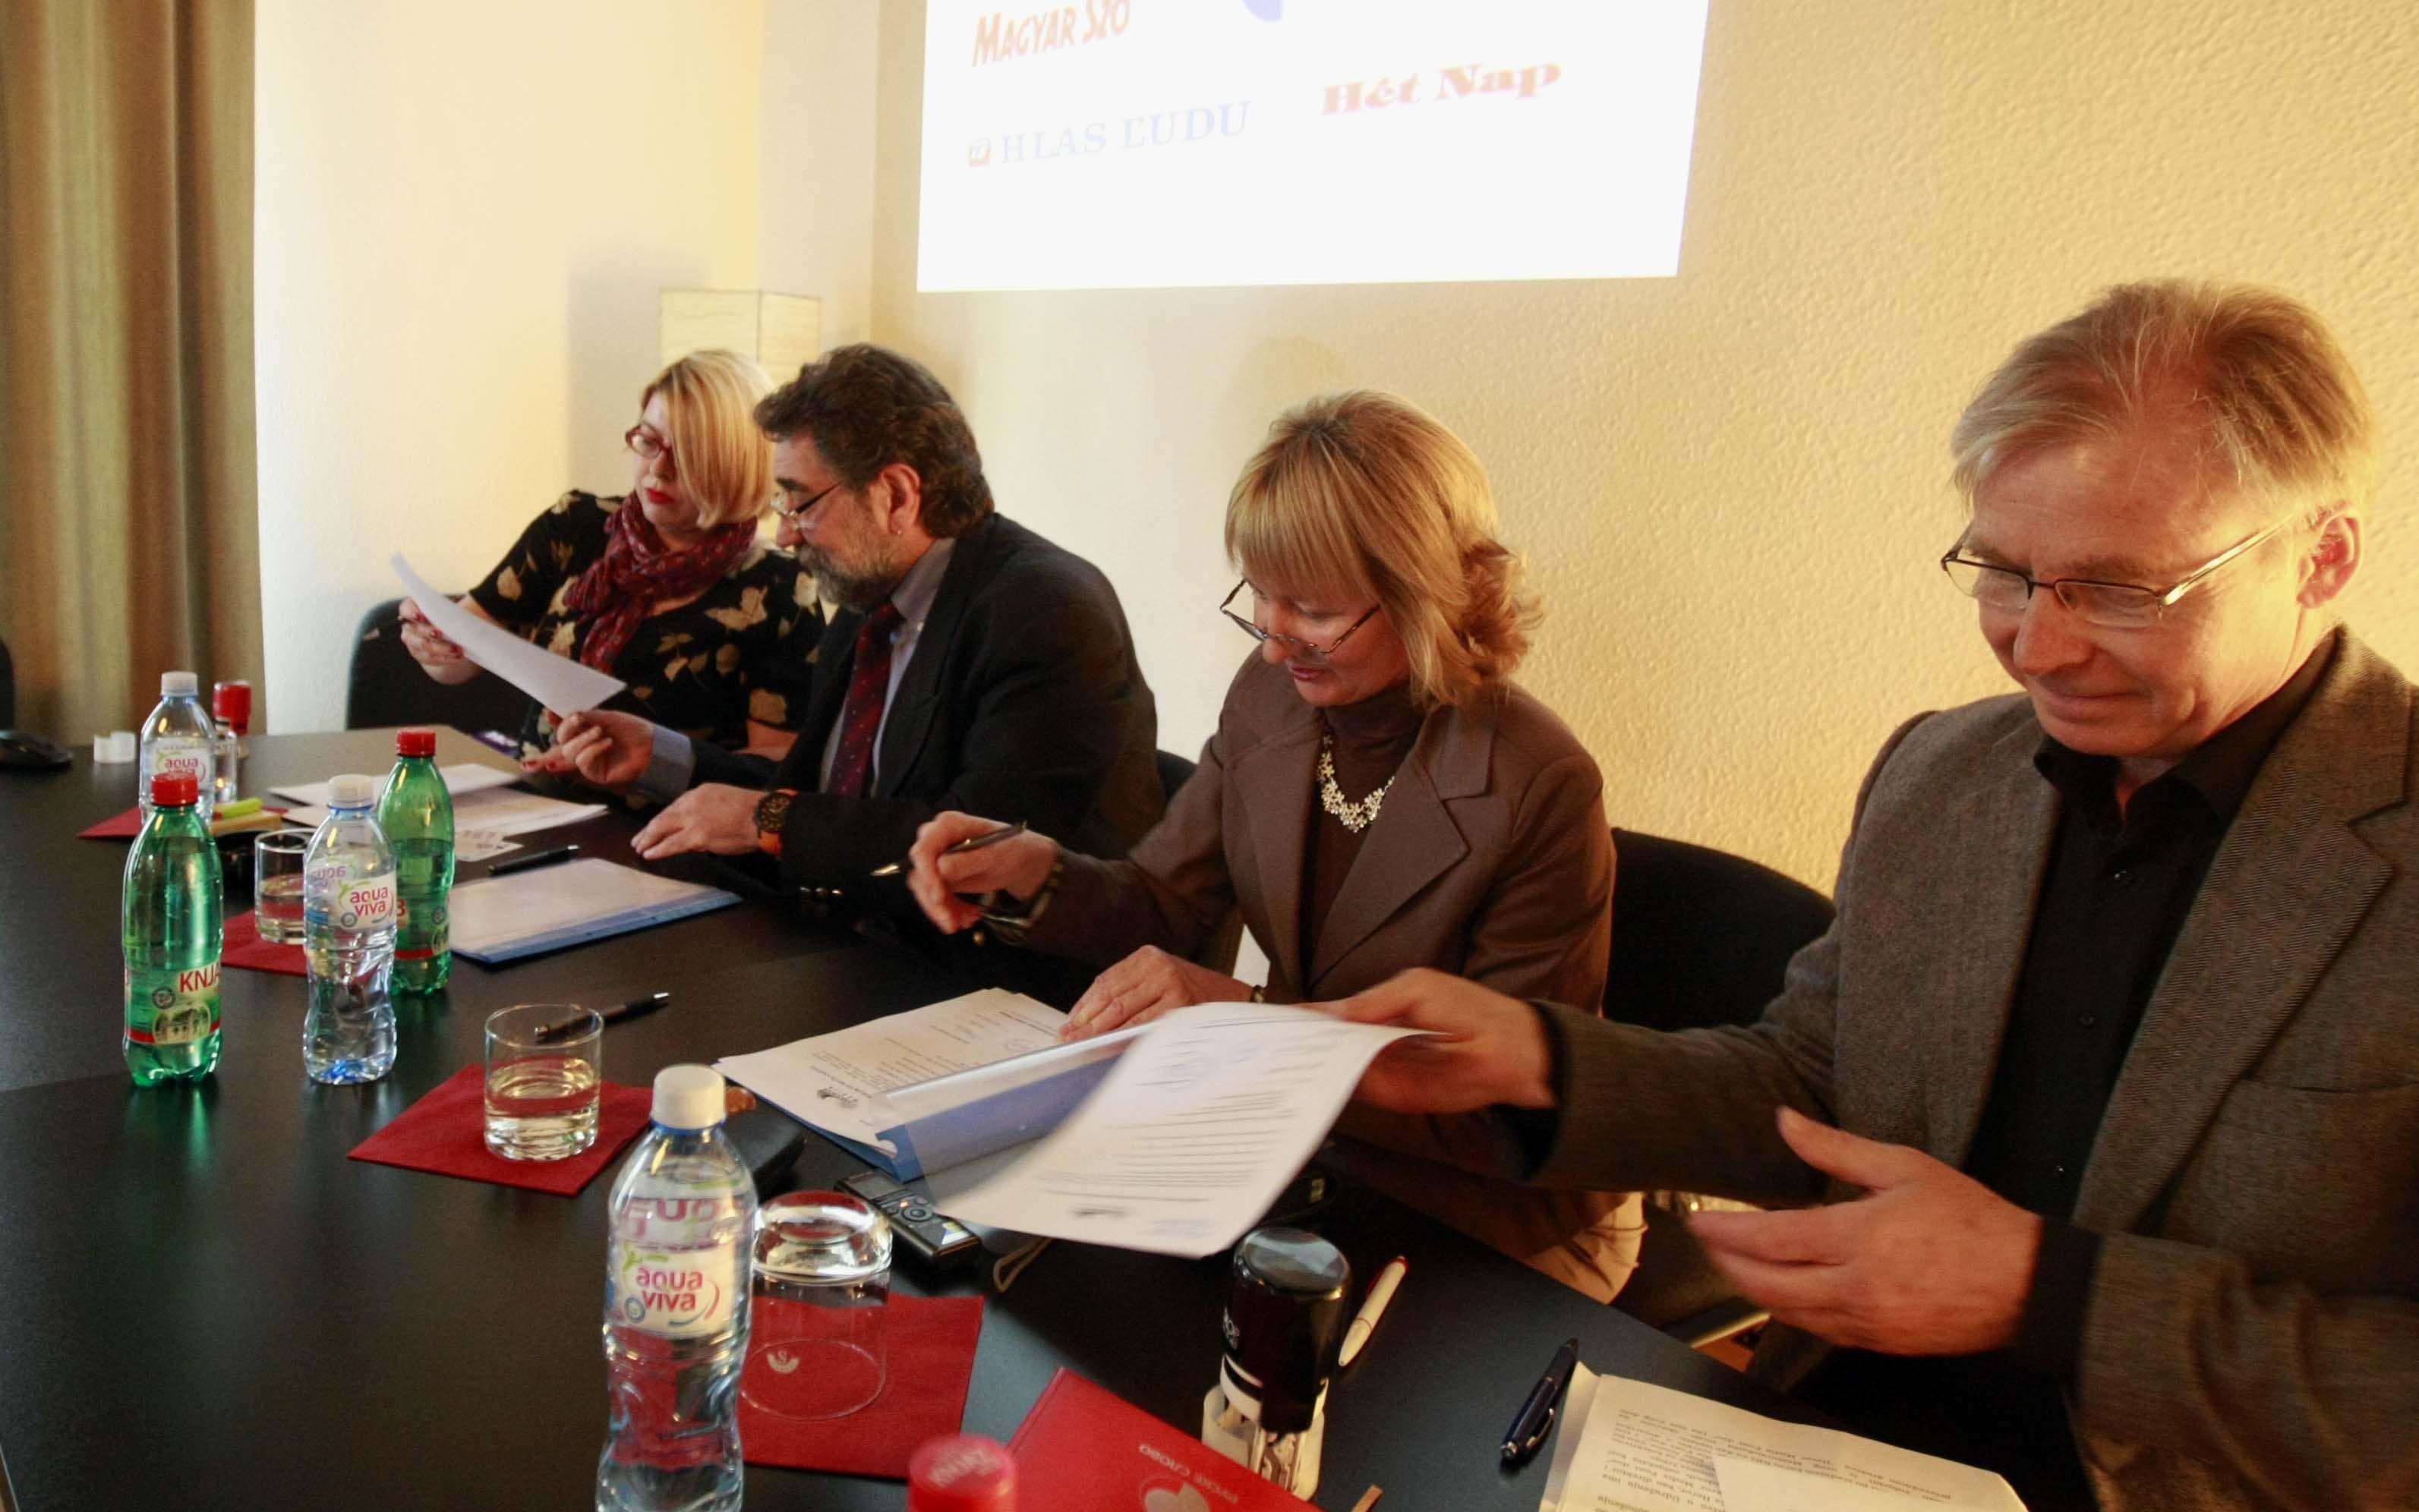 Potpisivanje kolektivnog clanstva sa medijima na jezicima manjina, april 2014